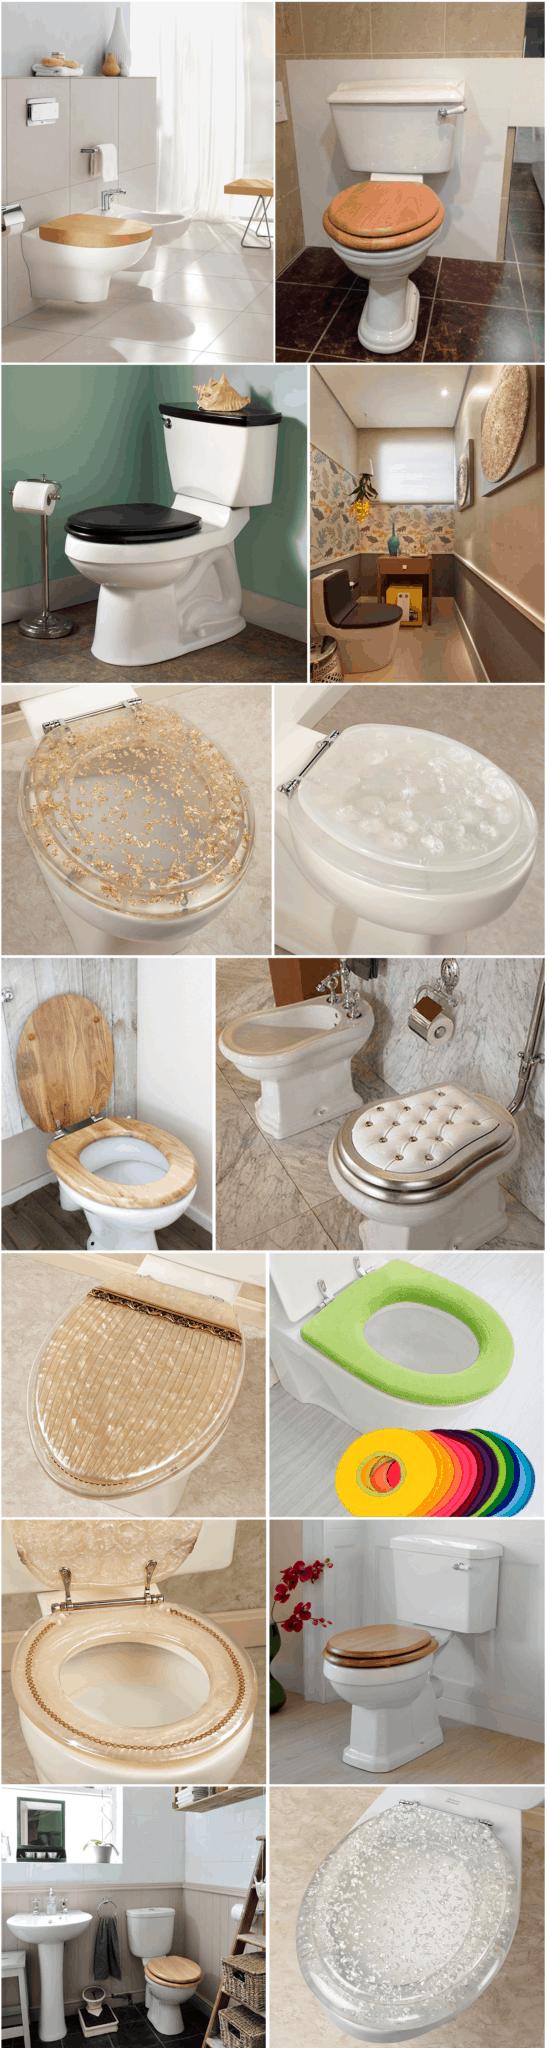 dica-dar-vida-nova-banheiro-tampa-sanitario